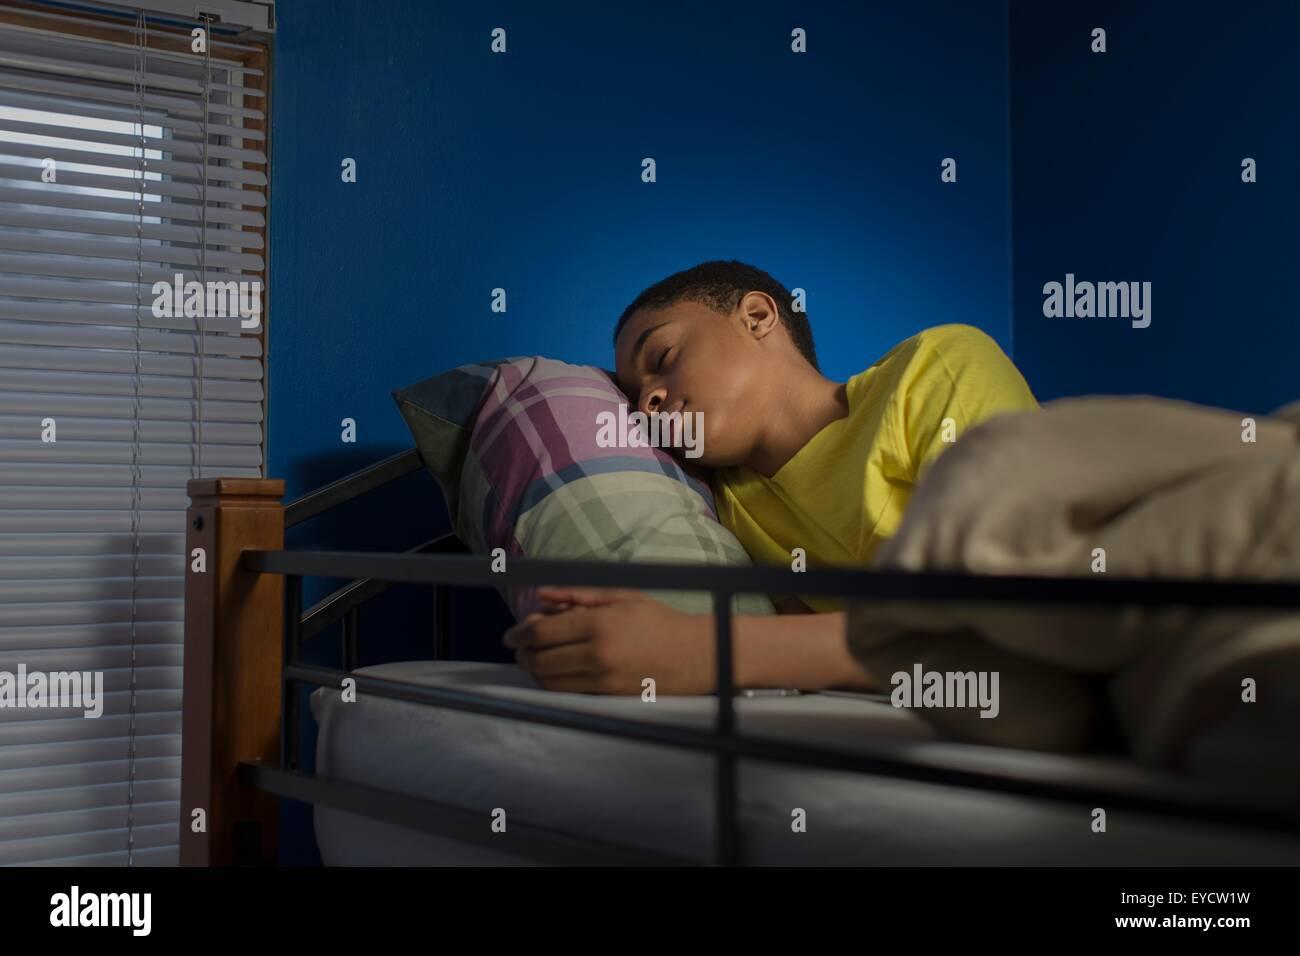 Adolescente durmiendo en litera Imagen De Stock